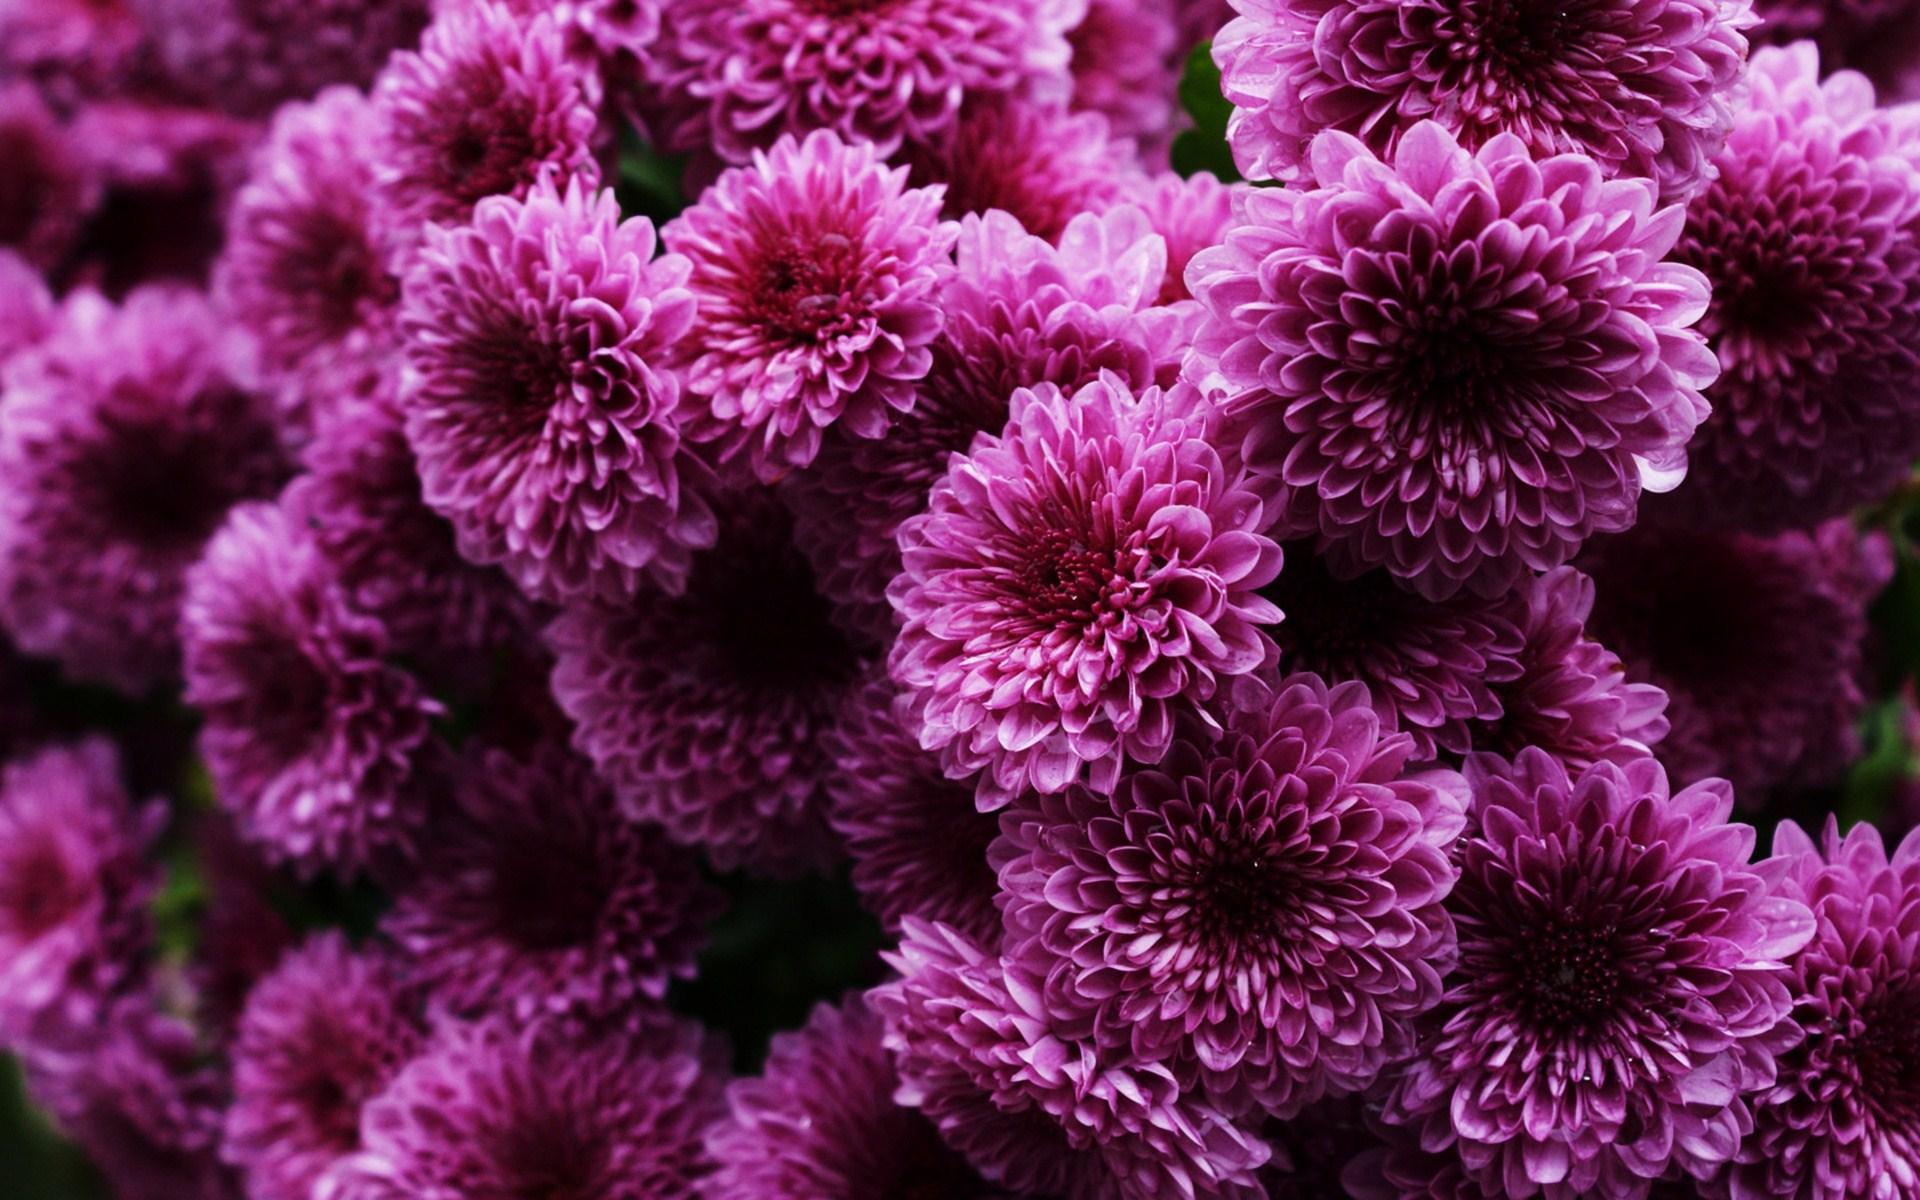 Stunning Chrysanthemums Wallpaper